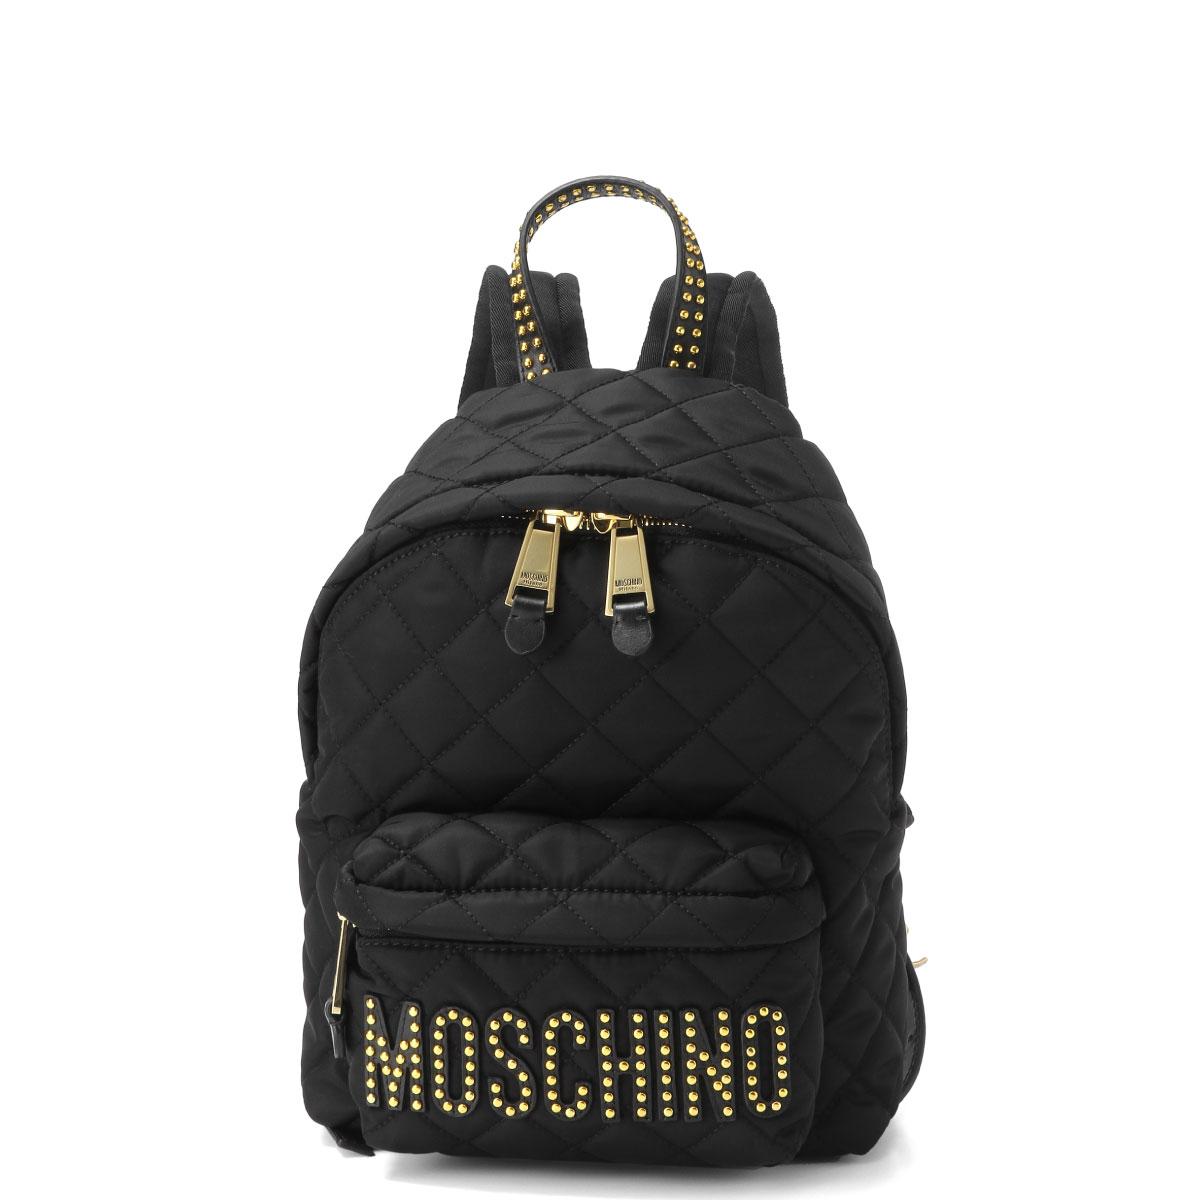 モスキーノ MOSCHINO バッグ レディース 7611 8203 2555 バックパック BLACK ブラック